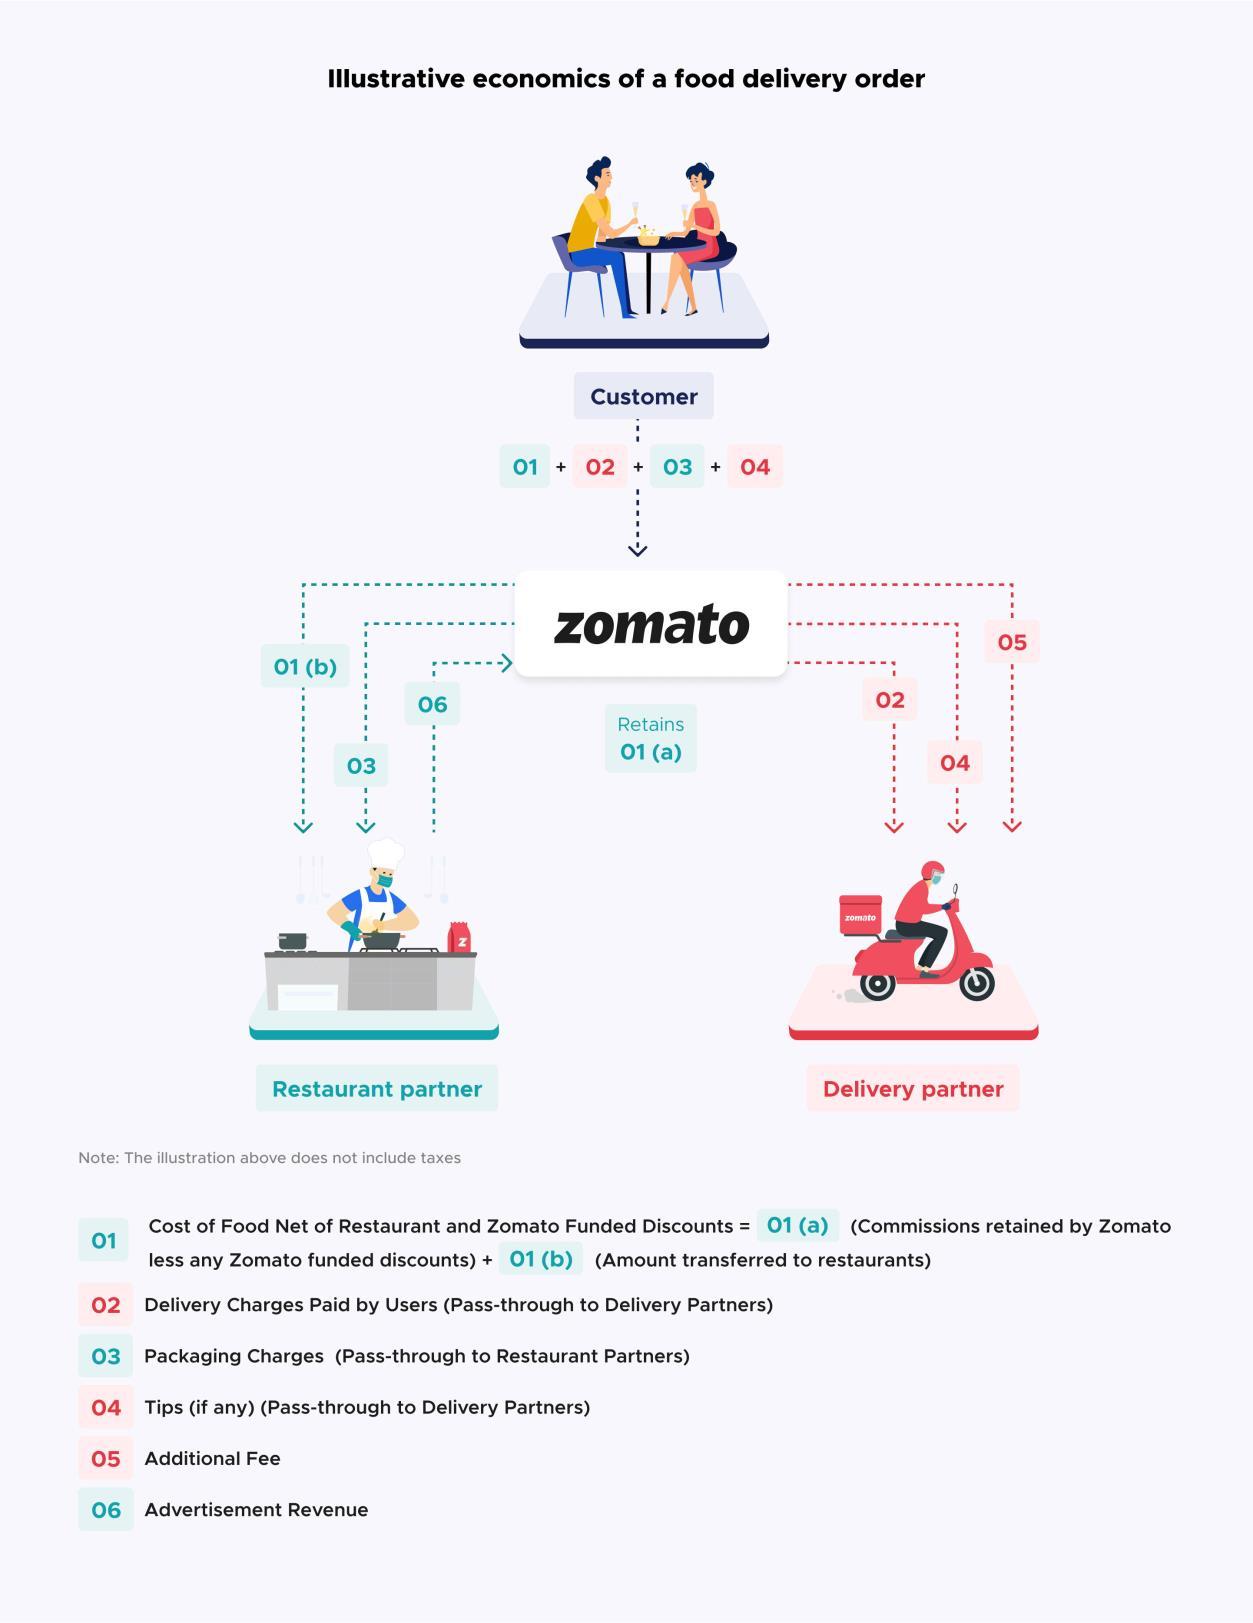 https://finpedia.co/bin/download/Zomato/WebHome/Zomato4.png?rev=1.1